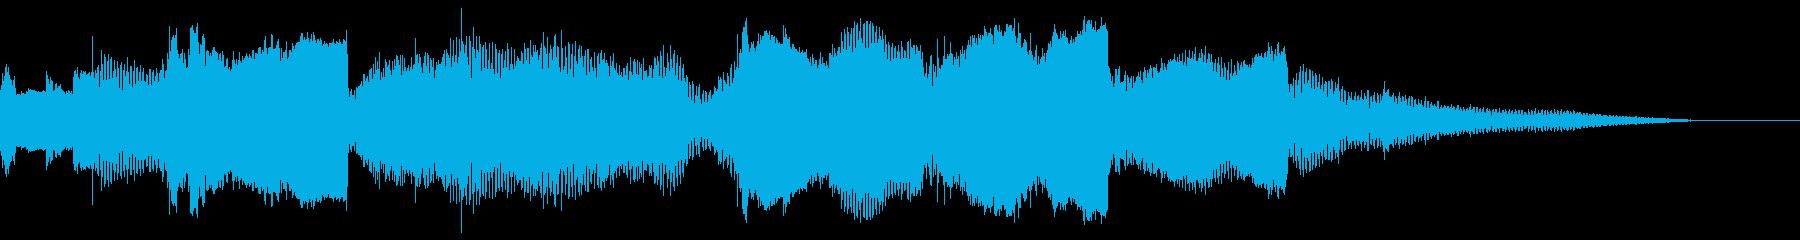 二胡と琴、鈴を使った和風ジングルの再生済みの波形